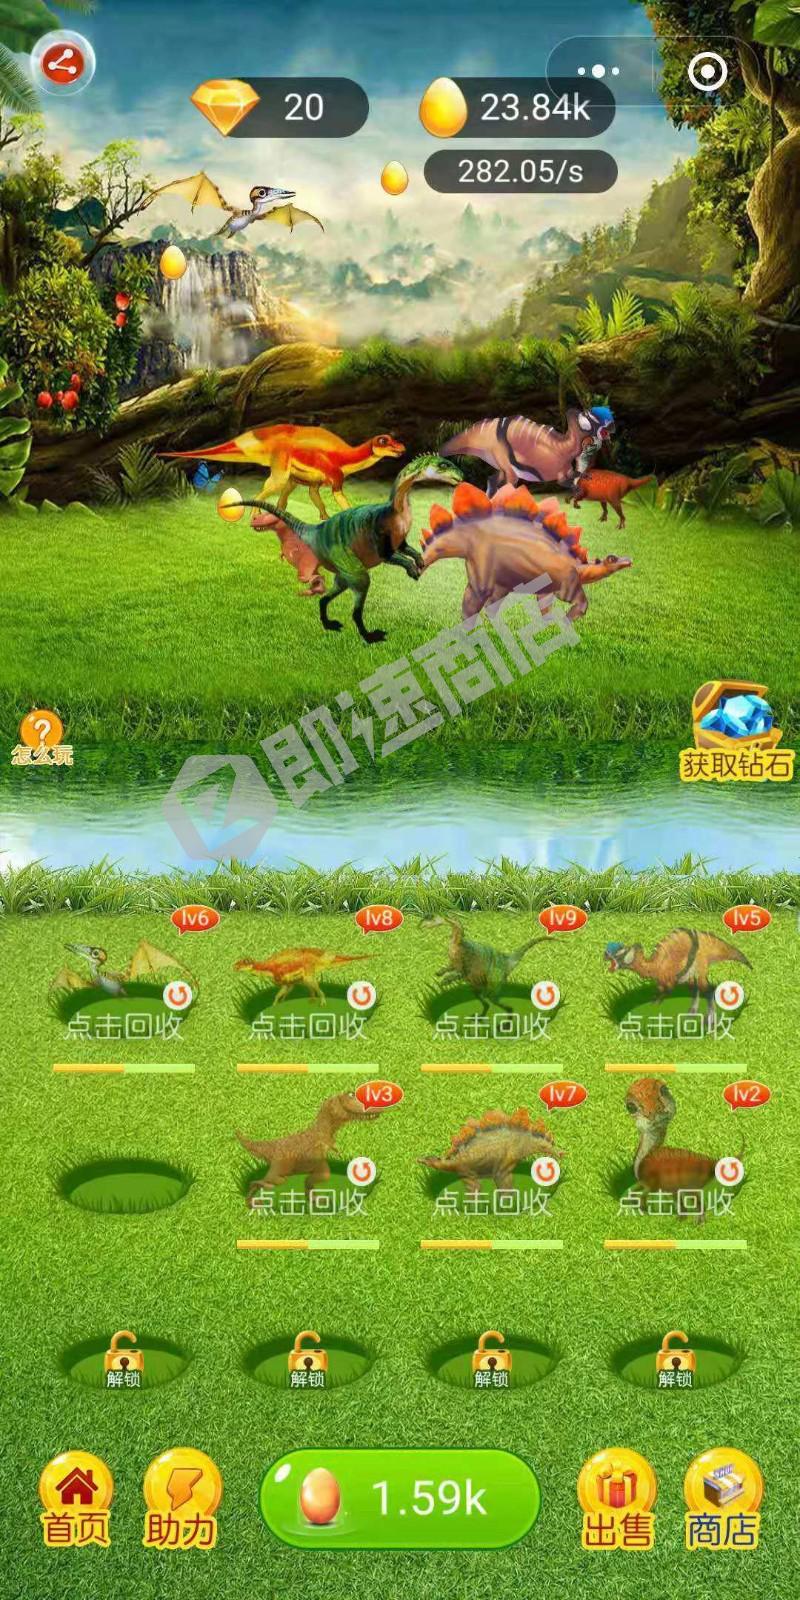 恐龙游戏大全小程序首页截图